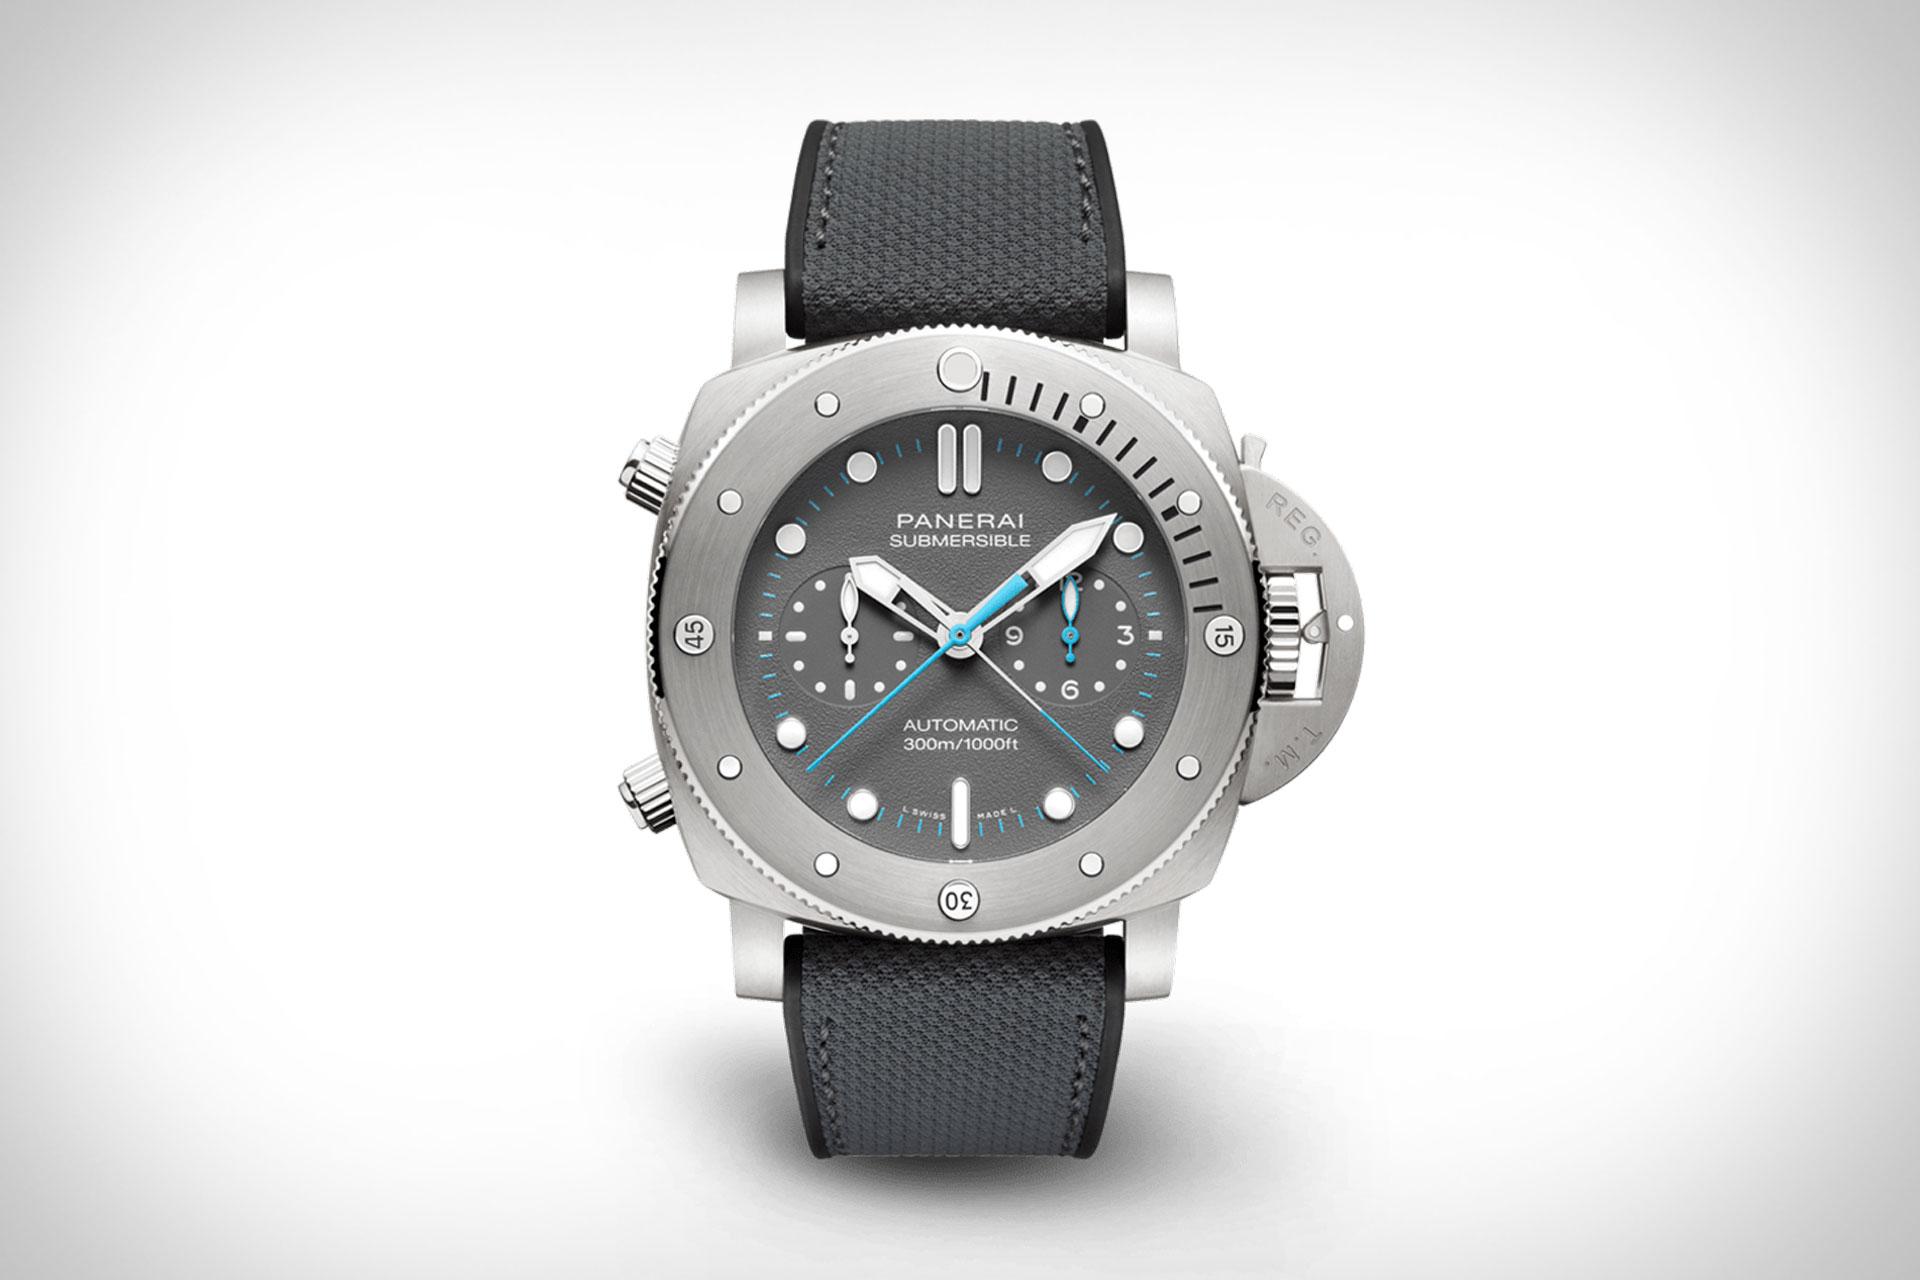 Panerai Submersible Chrono Jimmy Chin watch